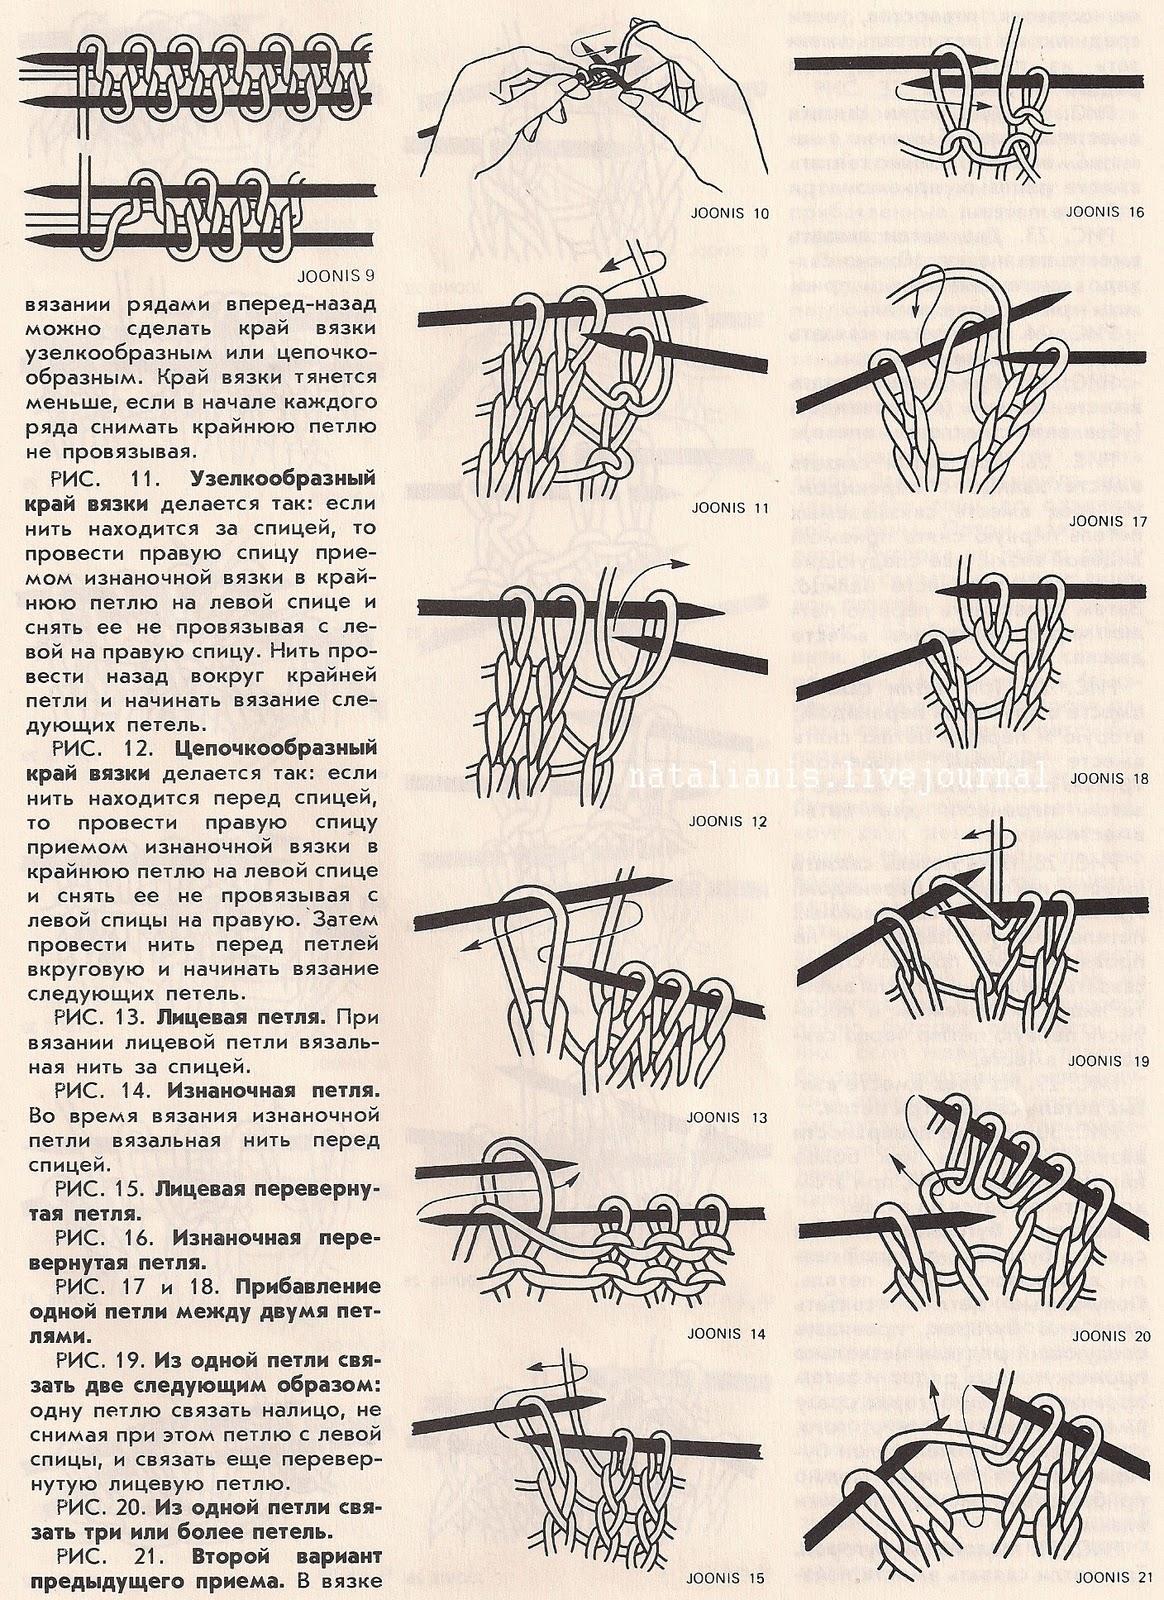 Вязание перевернутых петель